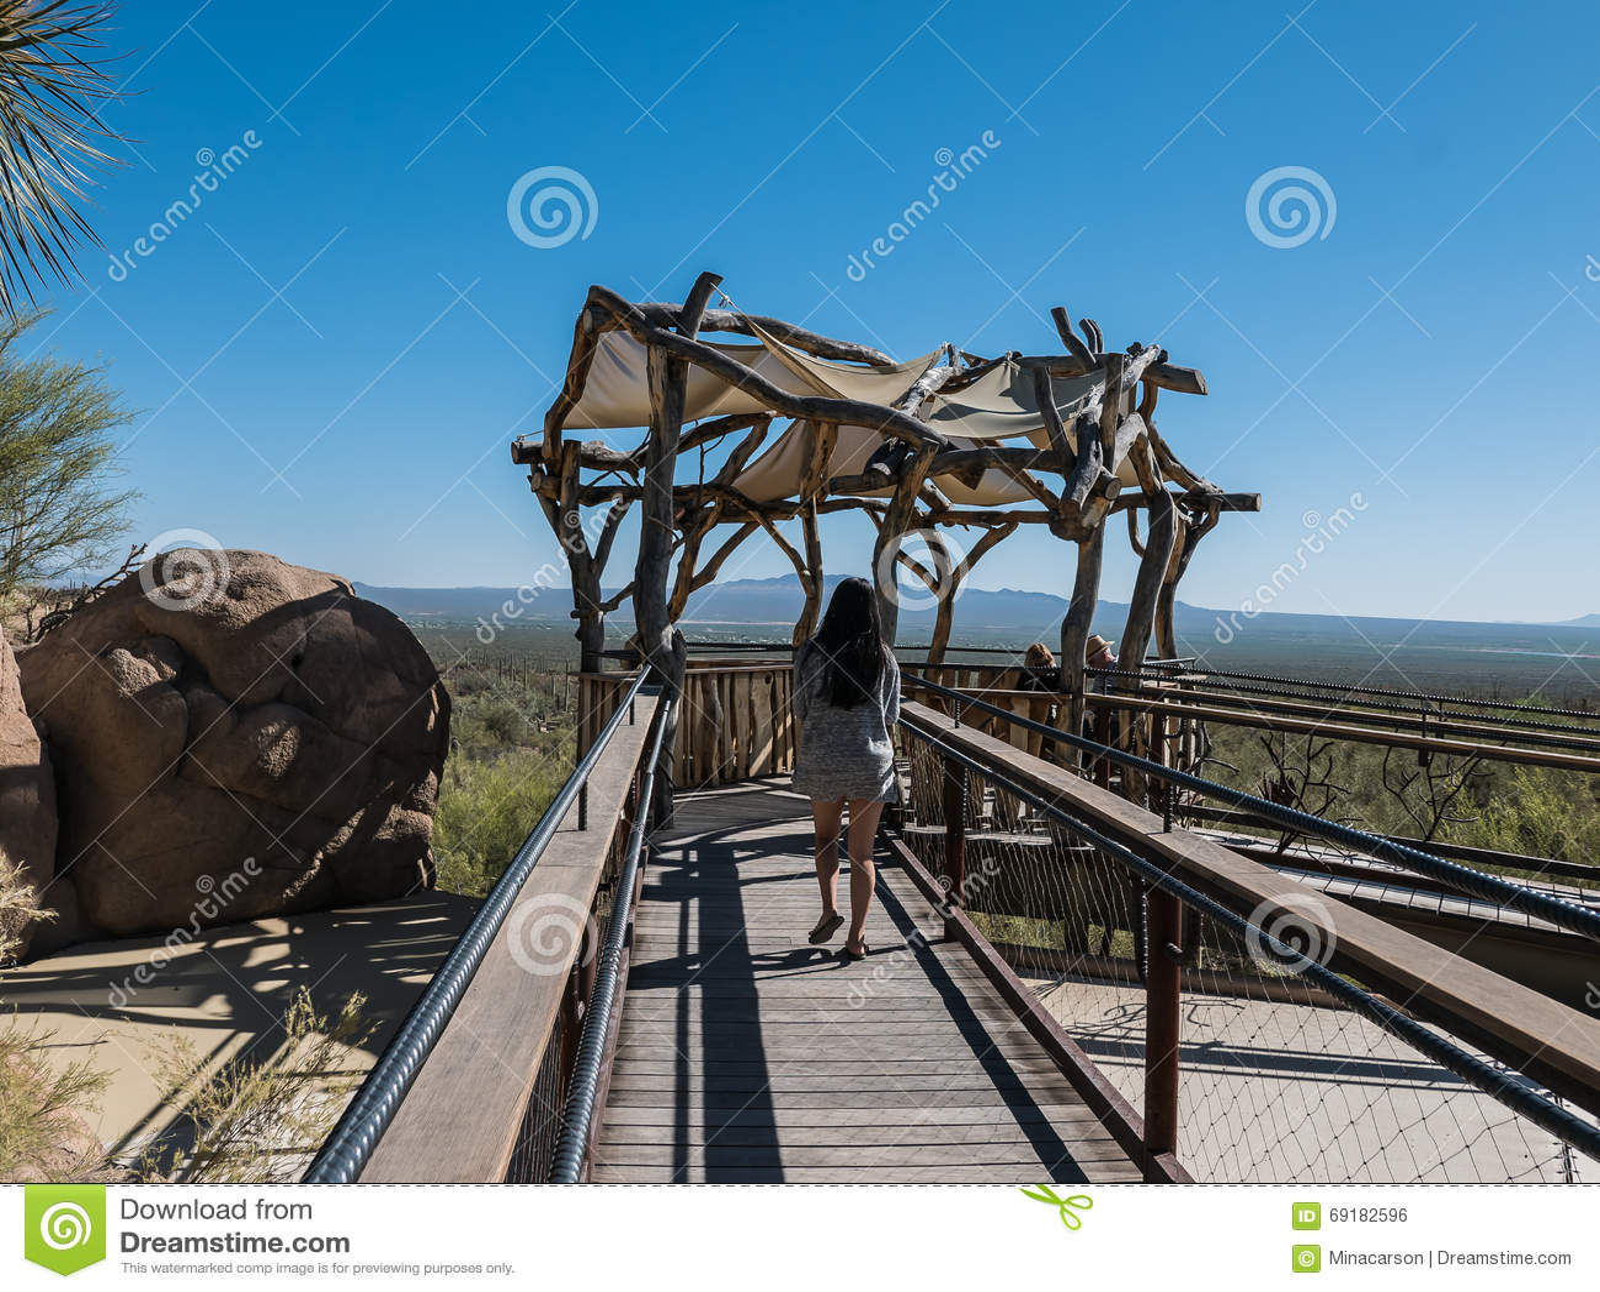 访客享用被遮蔽的观测台俯视的沙漠